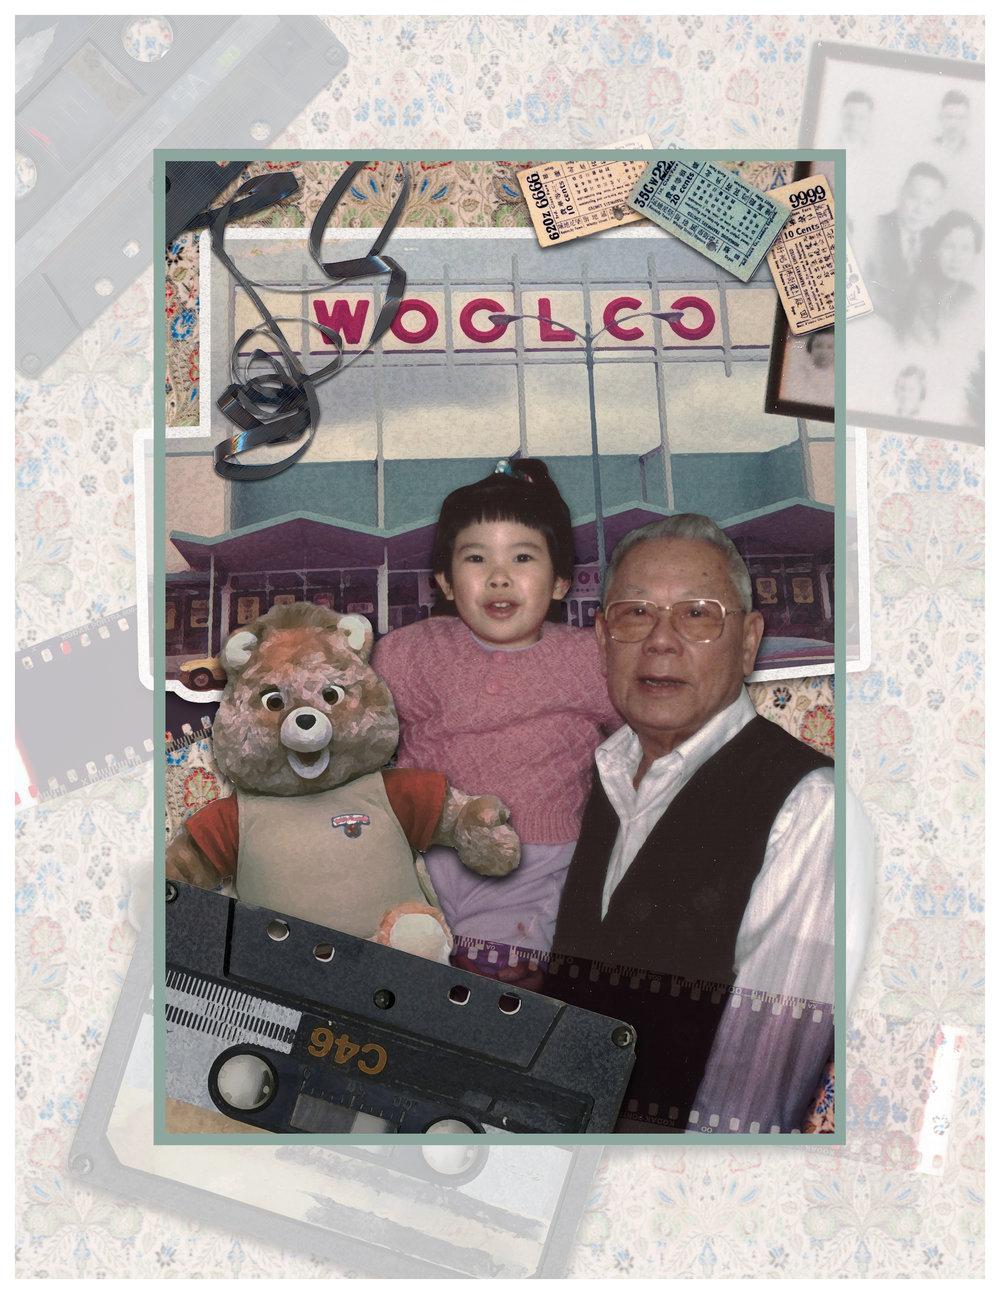 First Gen - Woolco v2.jpg